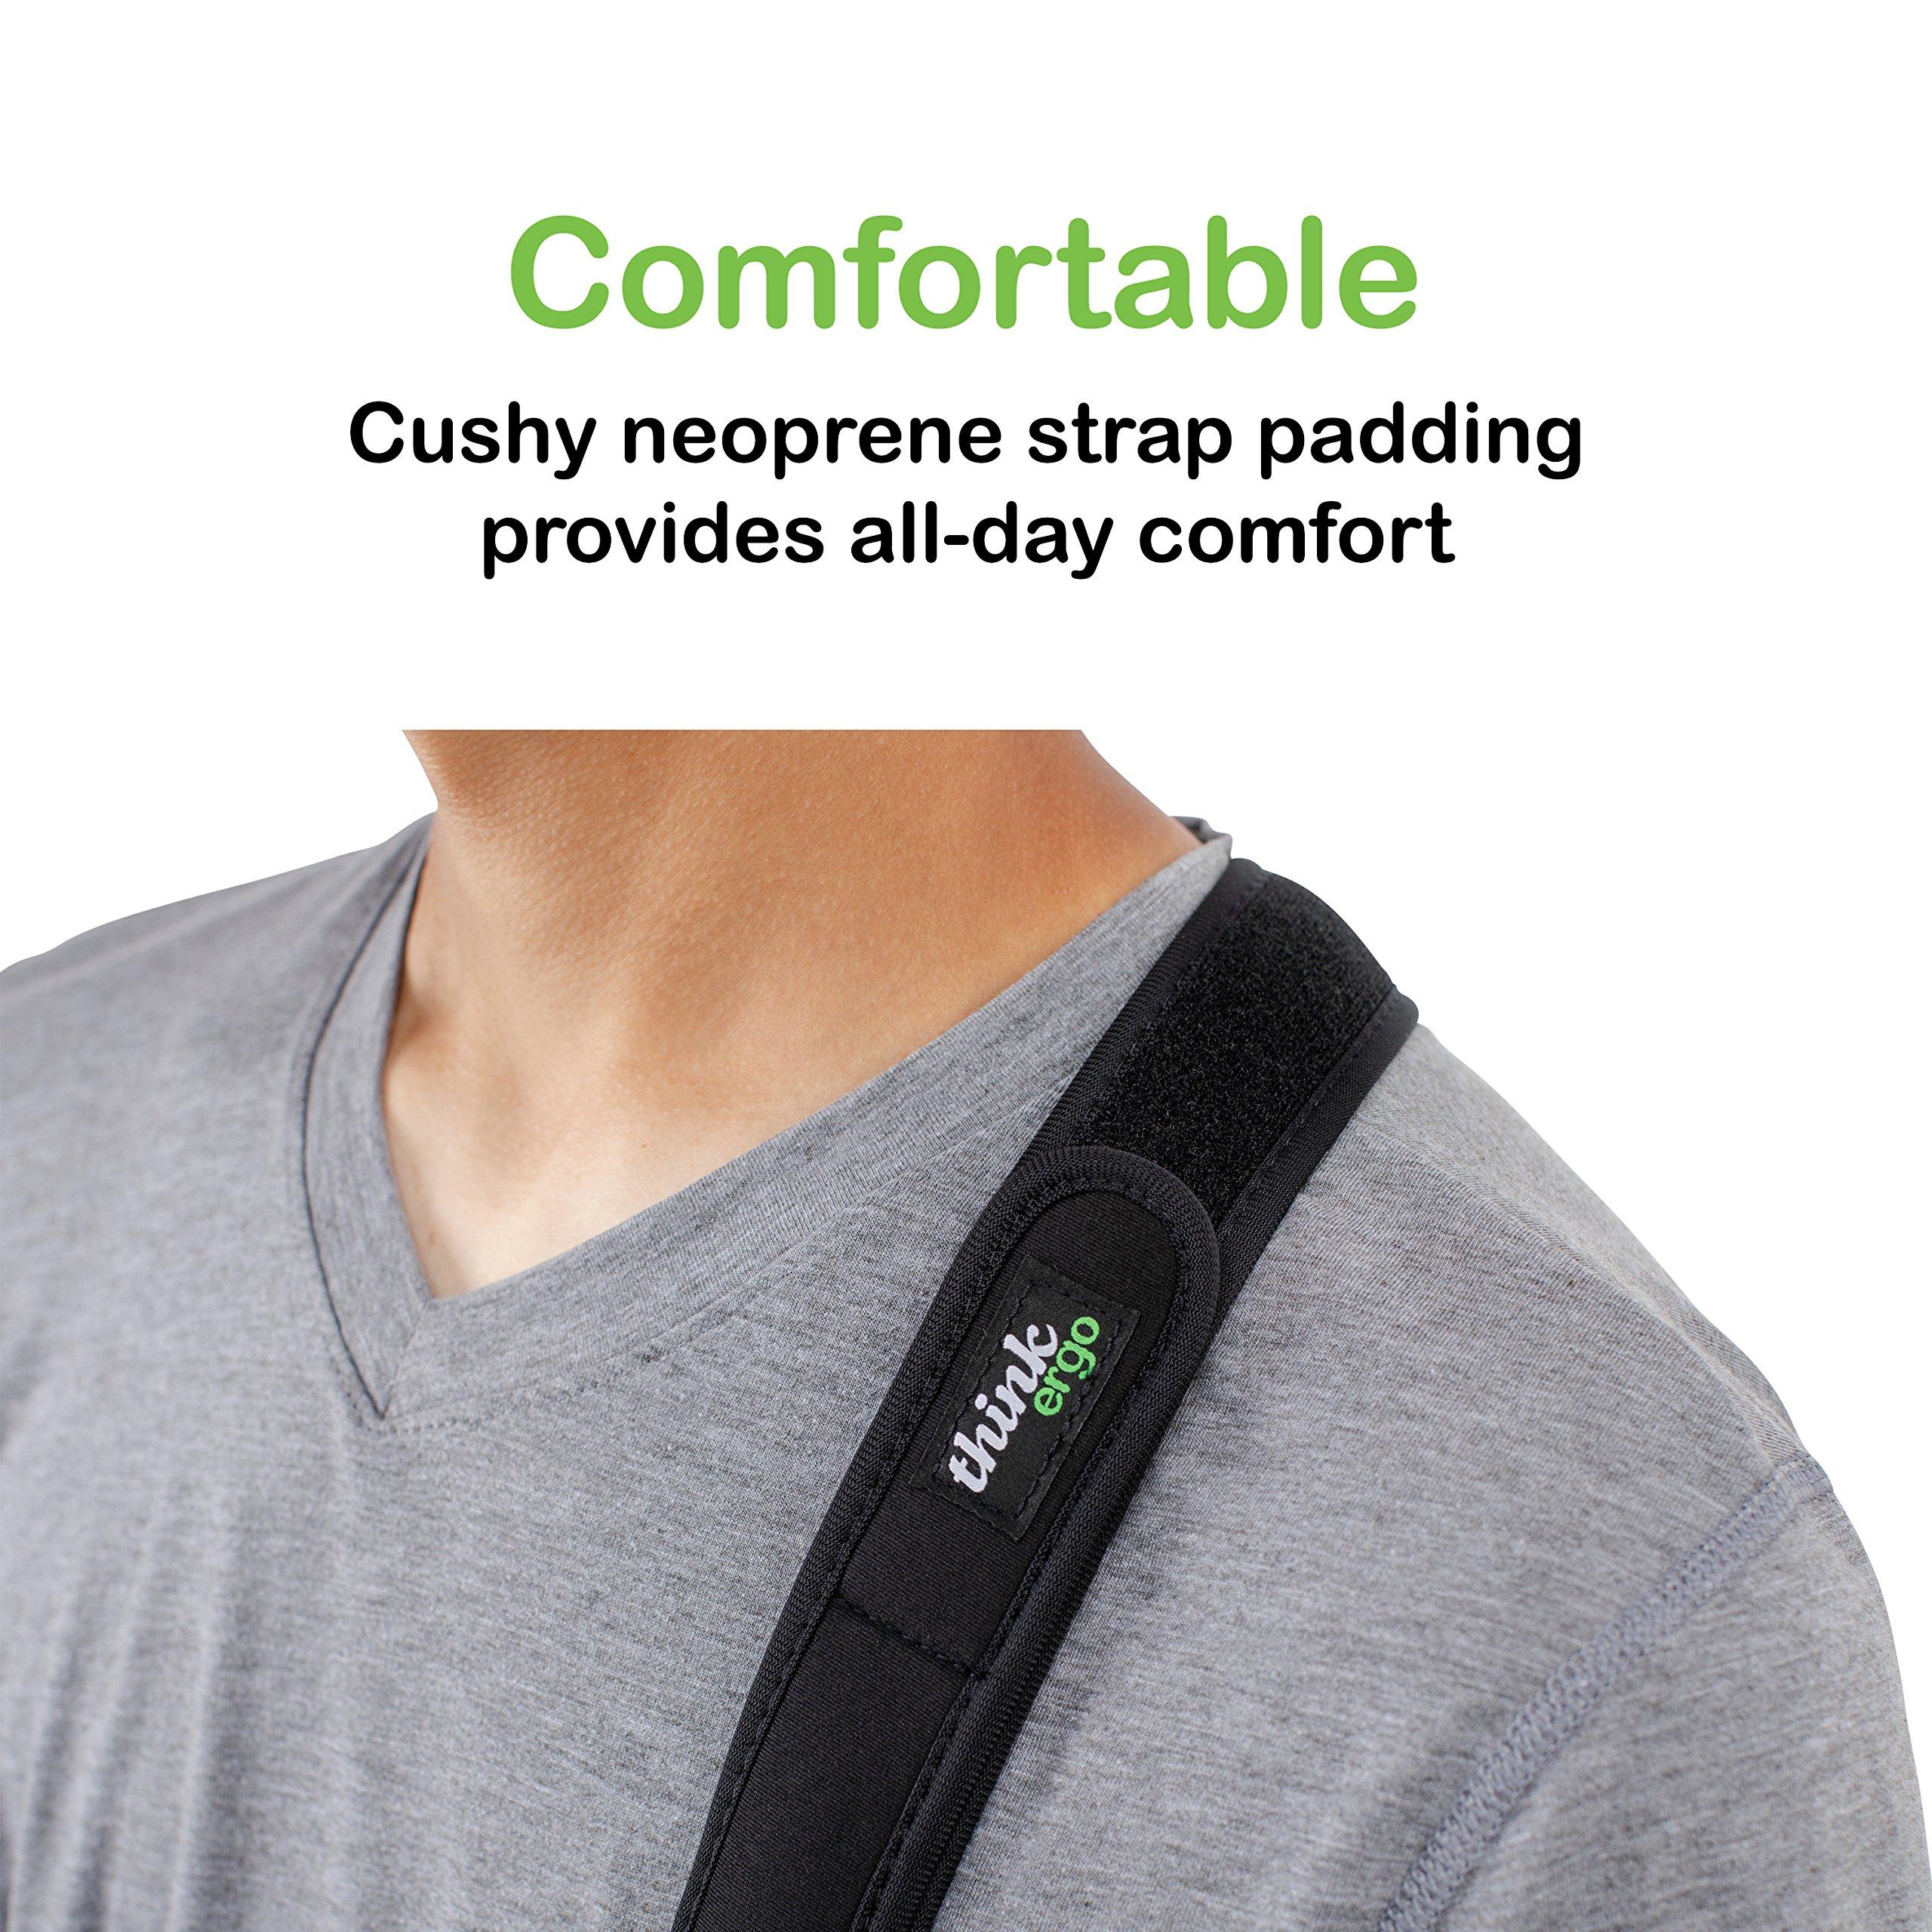 Think Ergo Arm Sling Sport - Lightweight, Breathable, Ergonomically Designed Medical Sling for Broken & Fractured Bones - Adjustable Arm, Shoulder & Rotator Cuff Support (Adult) by Think Ergo (Image #6)